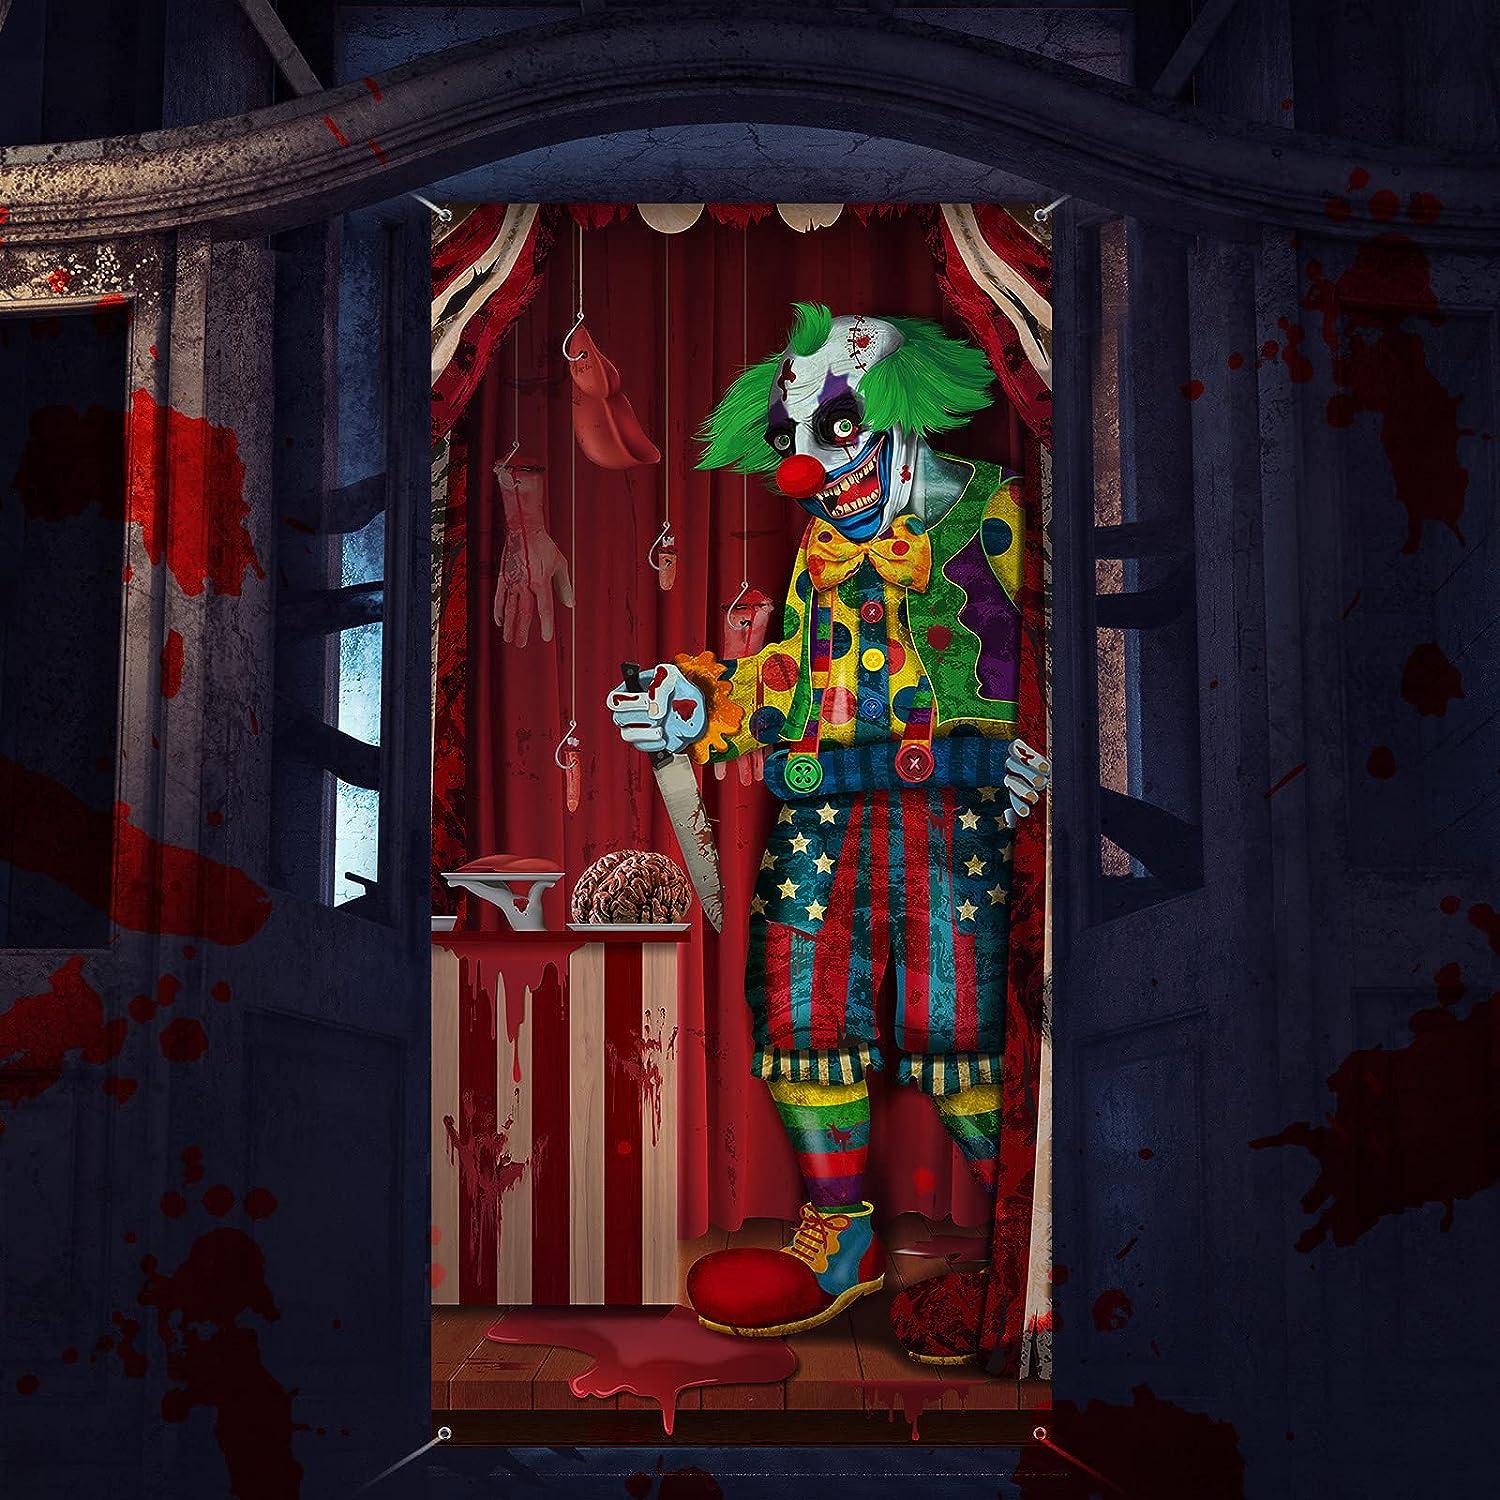 Decoraciones de Halloween Cubierta de Puerta Grande de Payaso Malvado Telón de Fondo de Puerta de Halloween de Tela Cubierta de Puerta Delantera de Tema de Payaso, 70,9 x 35,4 Pulgadas